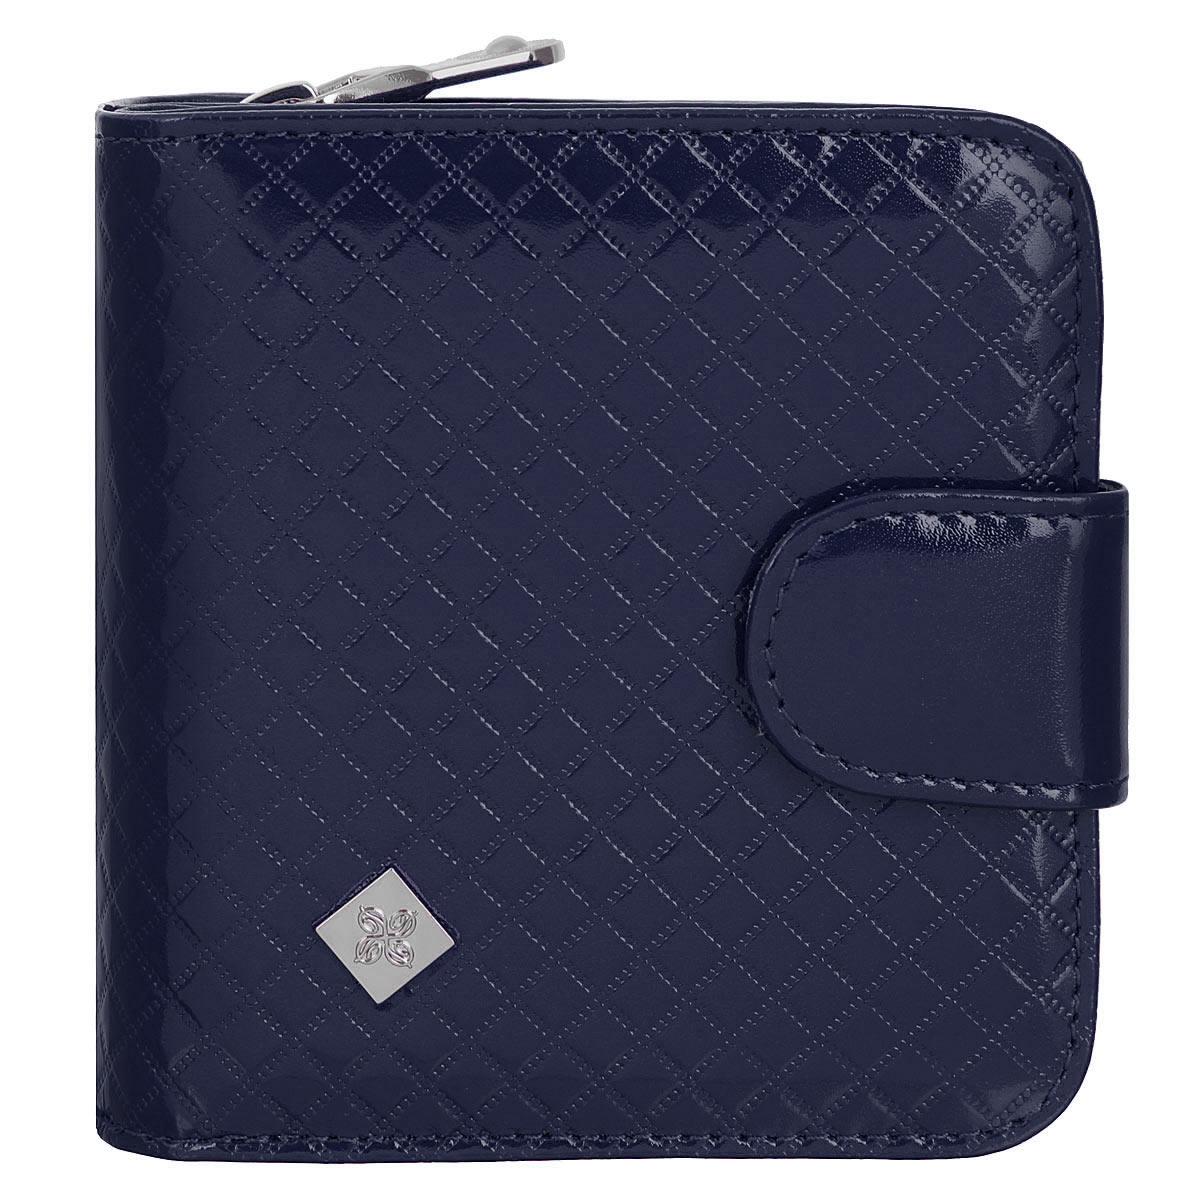 Кошелек женский Dimanche Rich, на молнии, цвет: синий. 584/3584/3Стильный кошелек Dimanche Rich изготовлен из натуральной лакированной кожи высшего качества с оригинальным тиснением в клетку и оформлен металлическим брендовым значком. Кошелек состоит из двух отделений. В первом, закрывающимся на хлястик с кнопкой, имеется два отделения для купюр и восемь кармашков для кредитных карт. Второе отделение для мелочи закрывается на молнию. Упакован в фирменную коробку. Такой кошелек станет замечательным подарком человеку, ценящему качественные и практичные вещи.